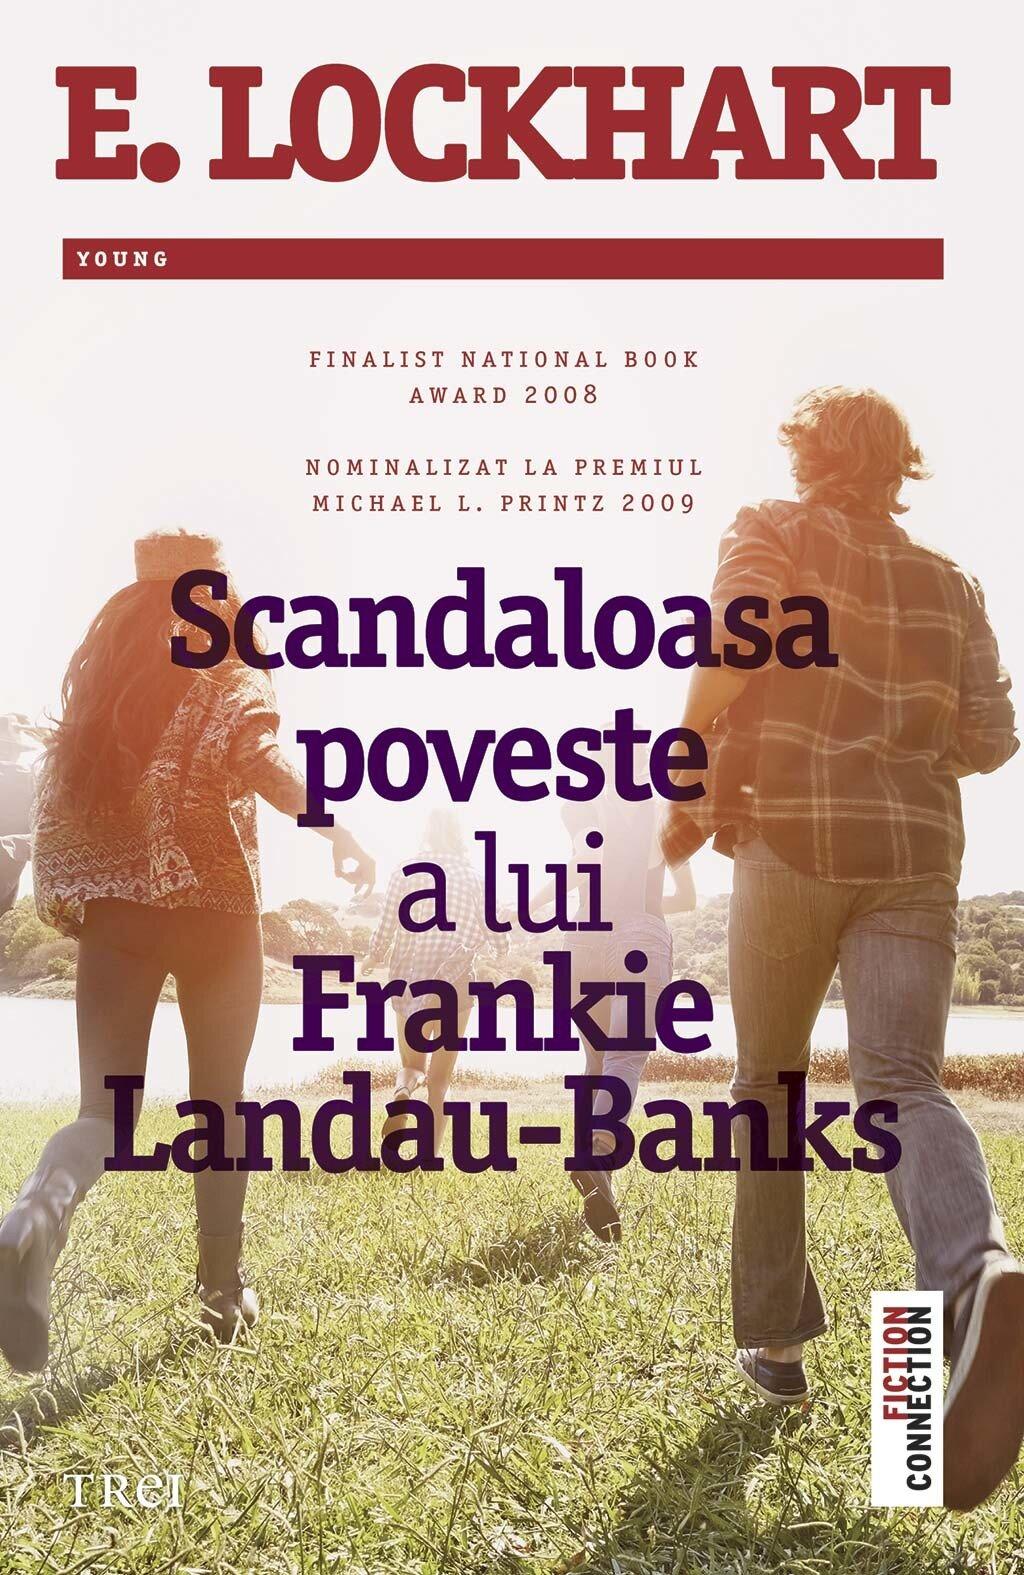 Scandaloasa poveste a lui Frankie Landau-Banks (eBook)